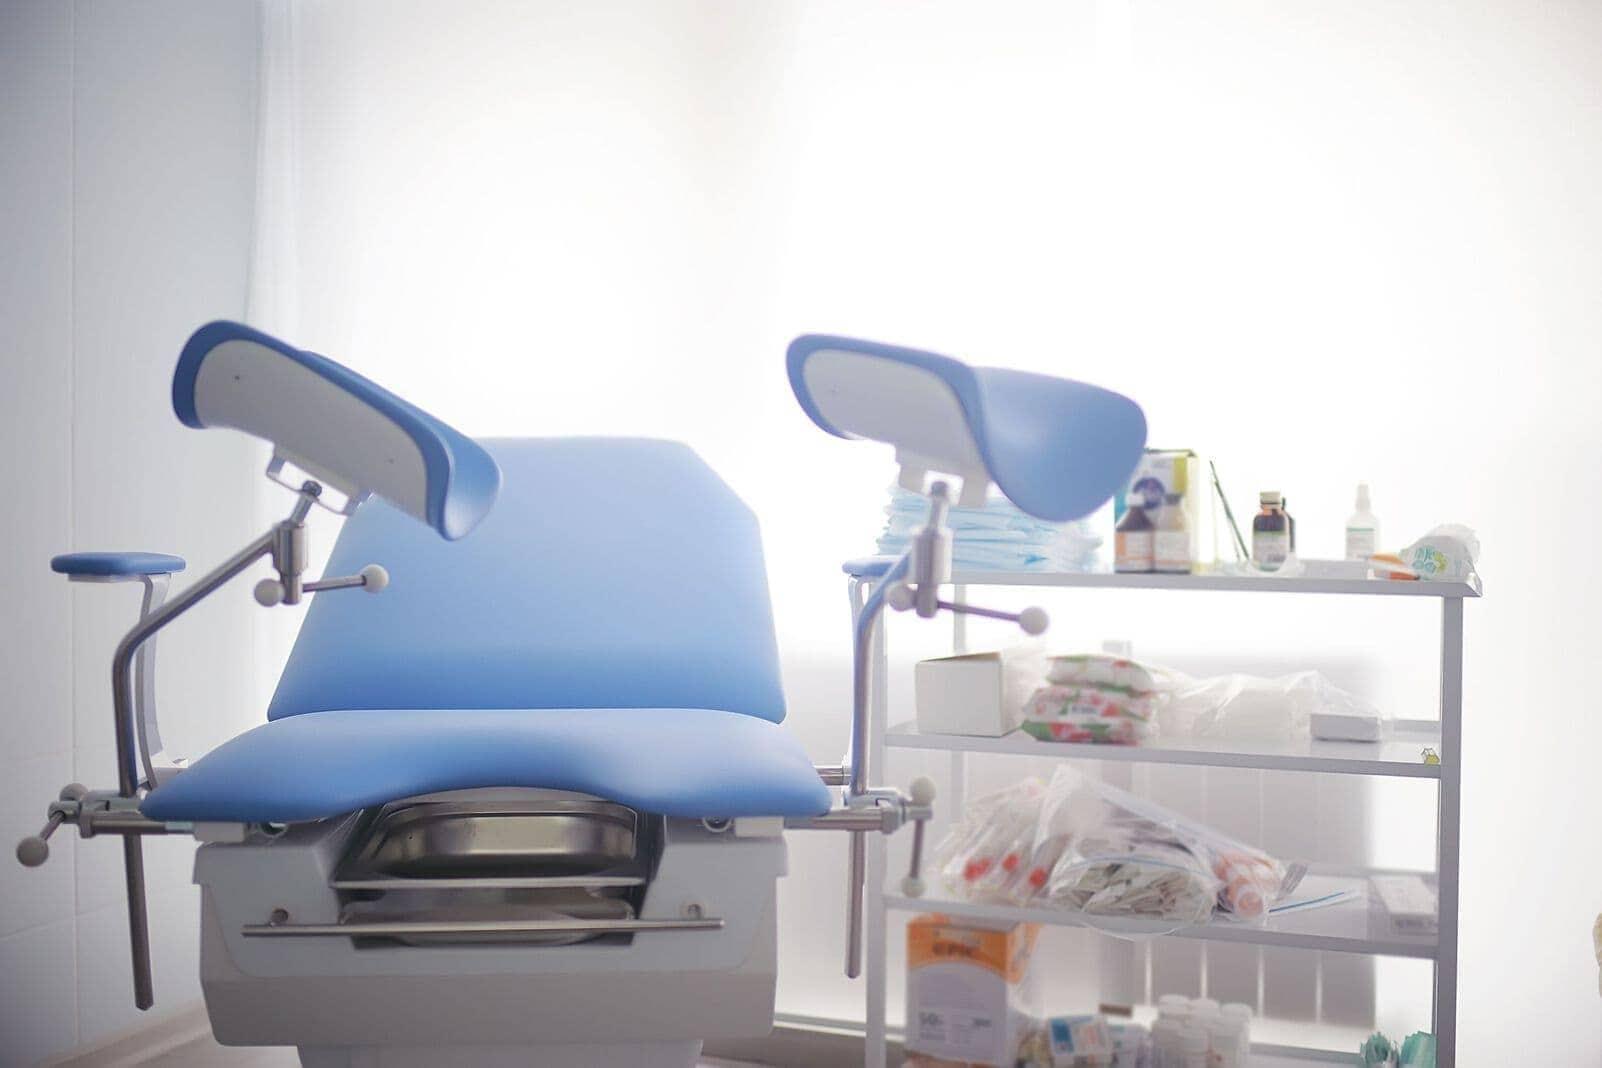 Stuhl beim frauenarzt | Vollständige Gynäkologische